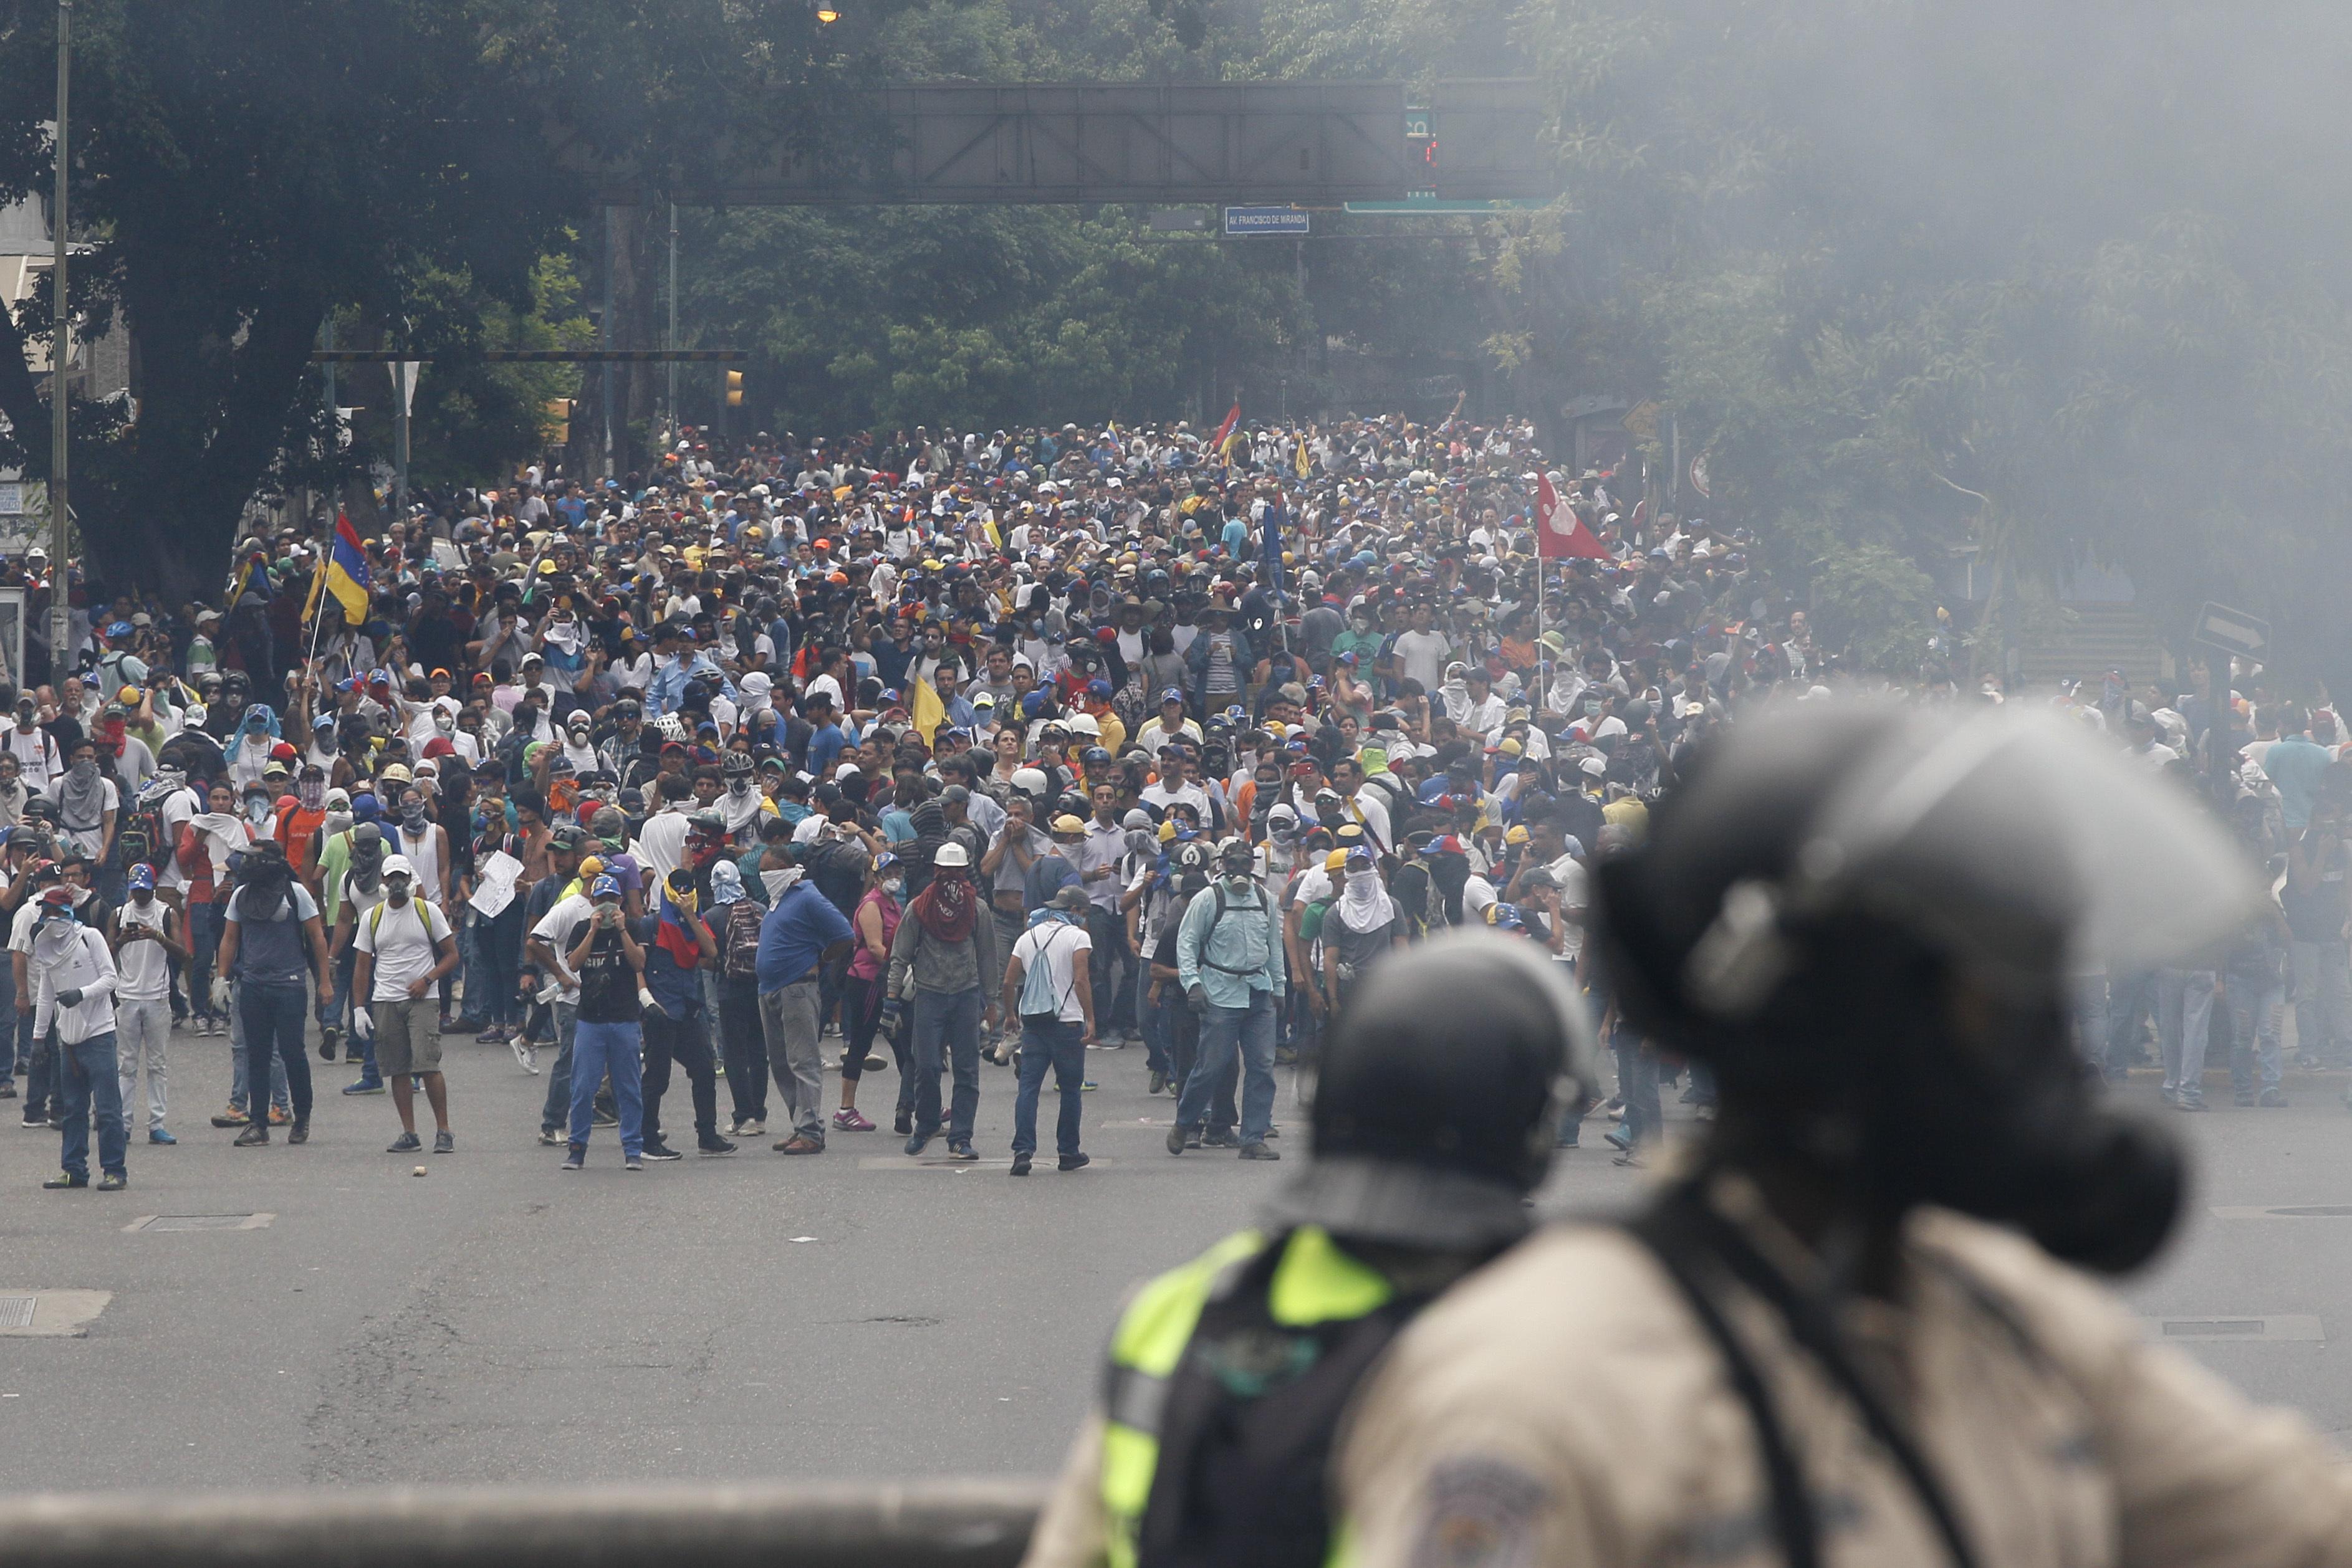 Βενεζουέλα: Χιλιάδες διαδηλωτές στους δρόμους